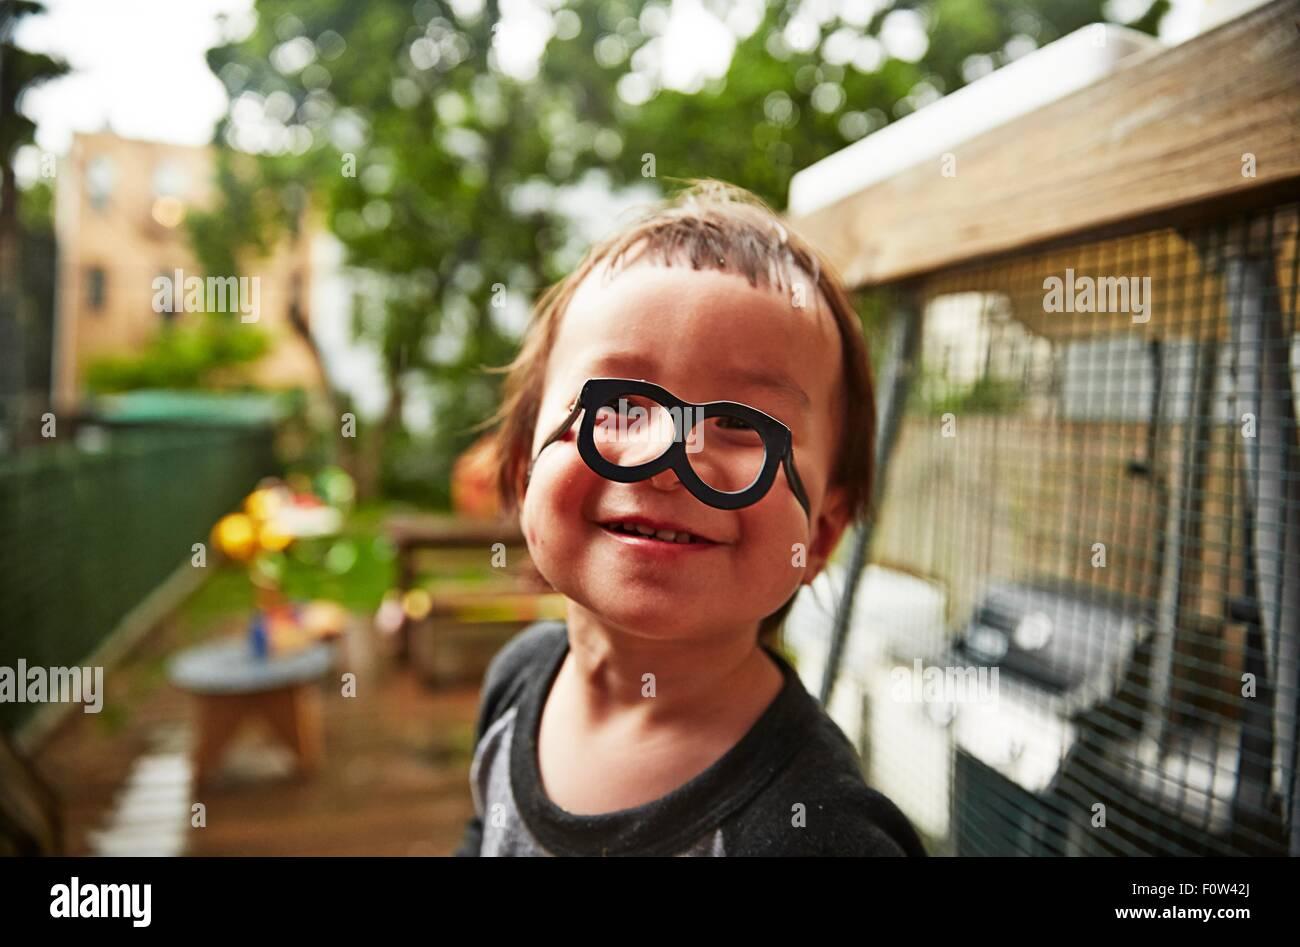 Junge mit lustigen Brillen im Garten Stockfoto